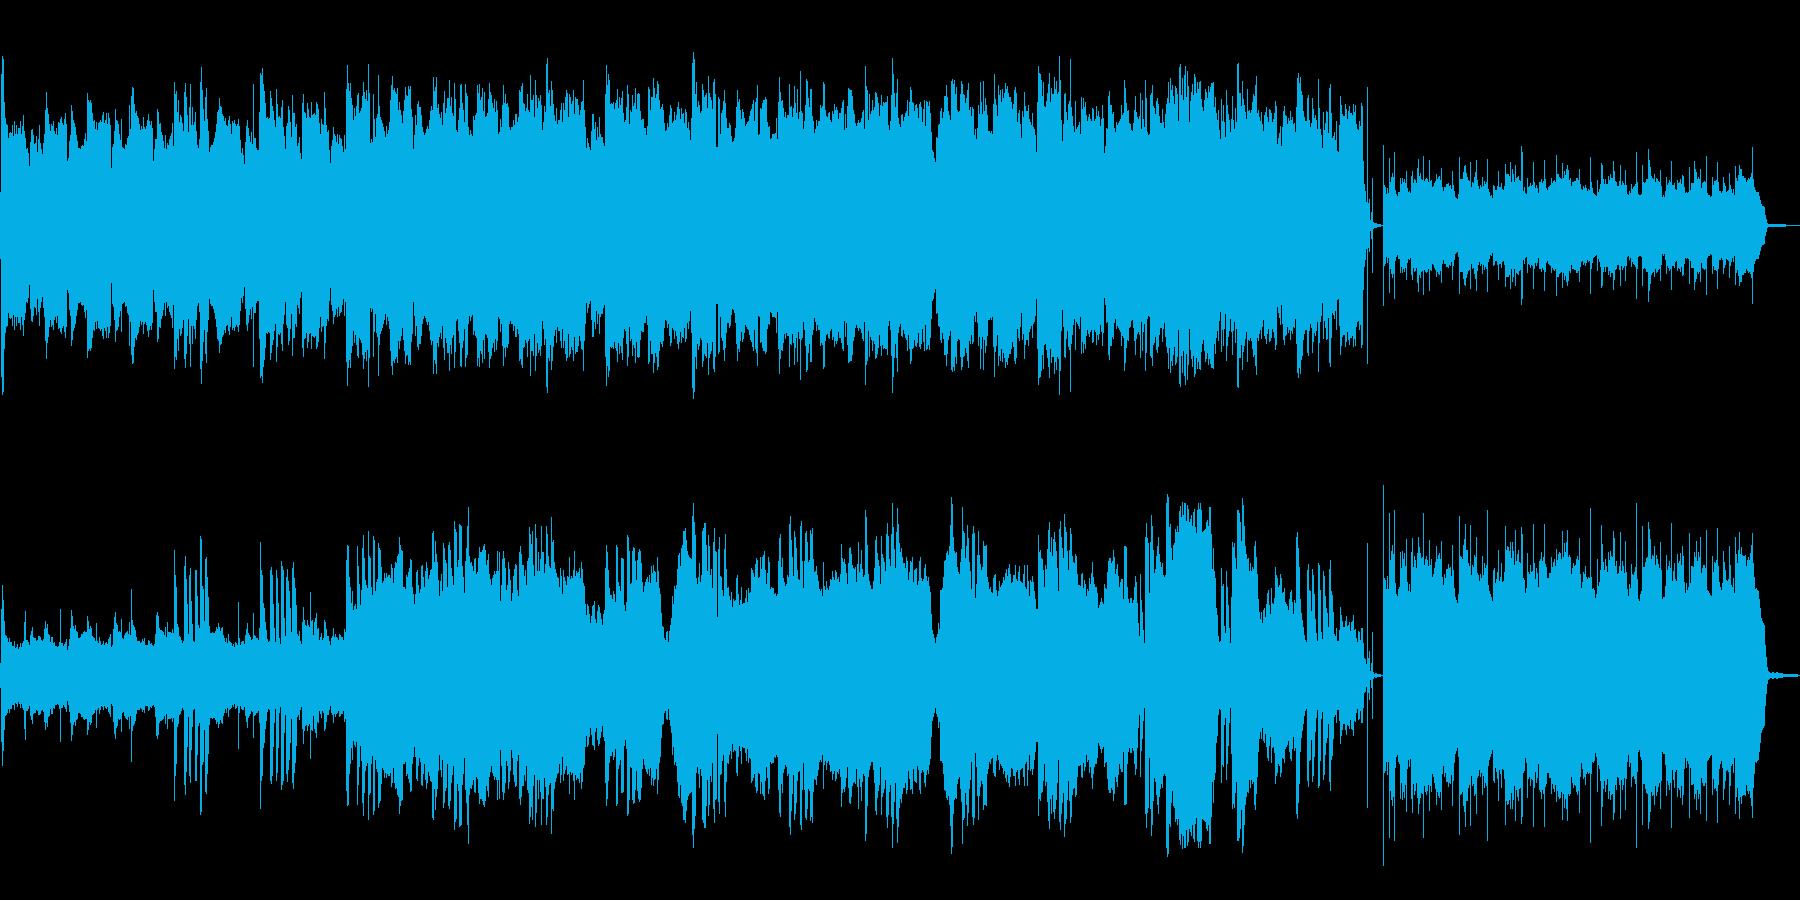 ホラー映画のオープニングのような曲の再生済みの波形